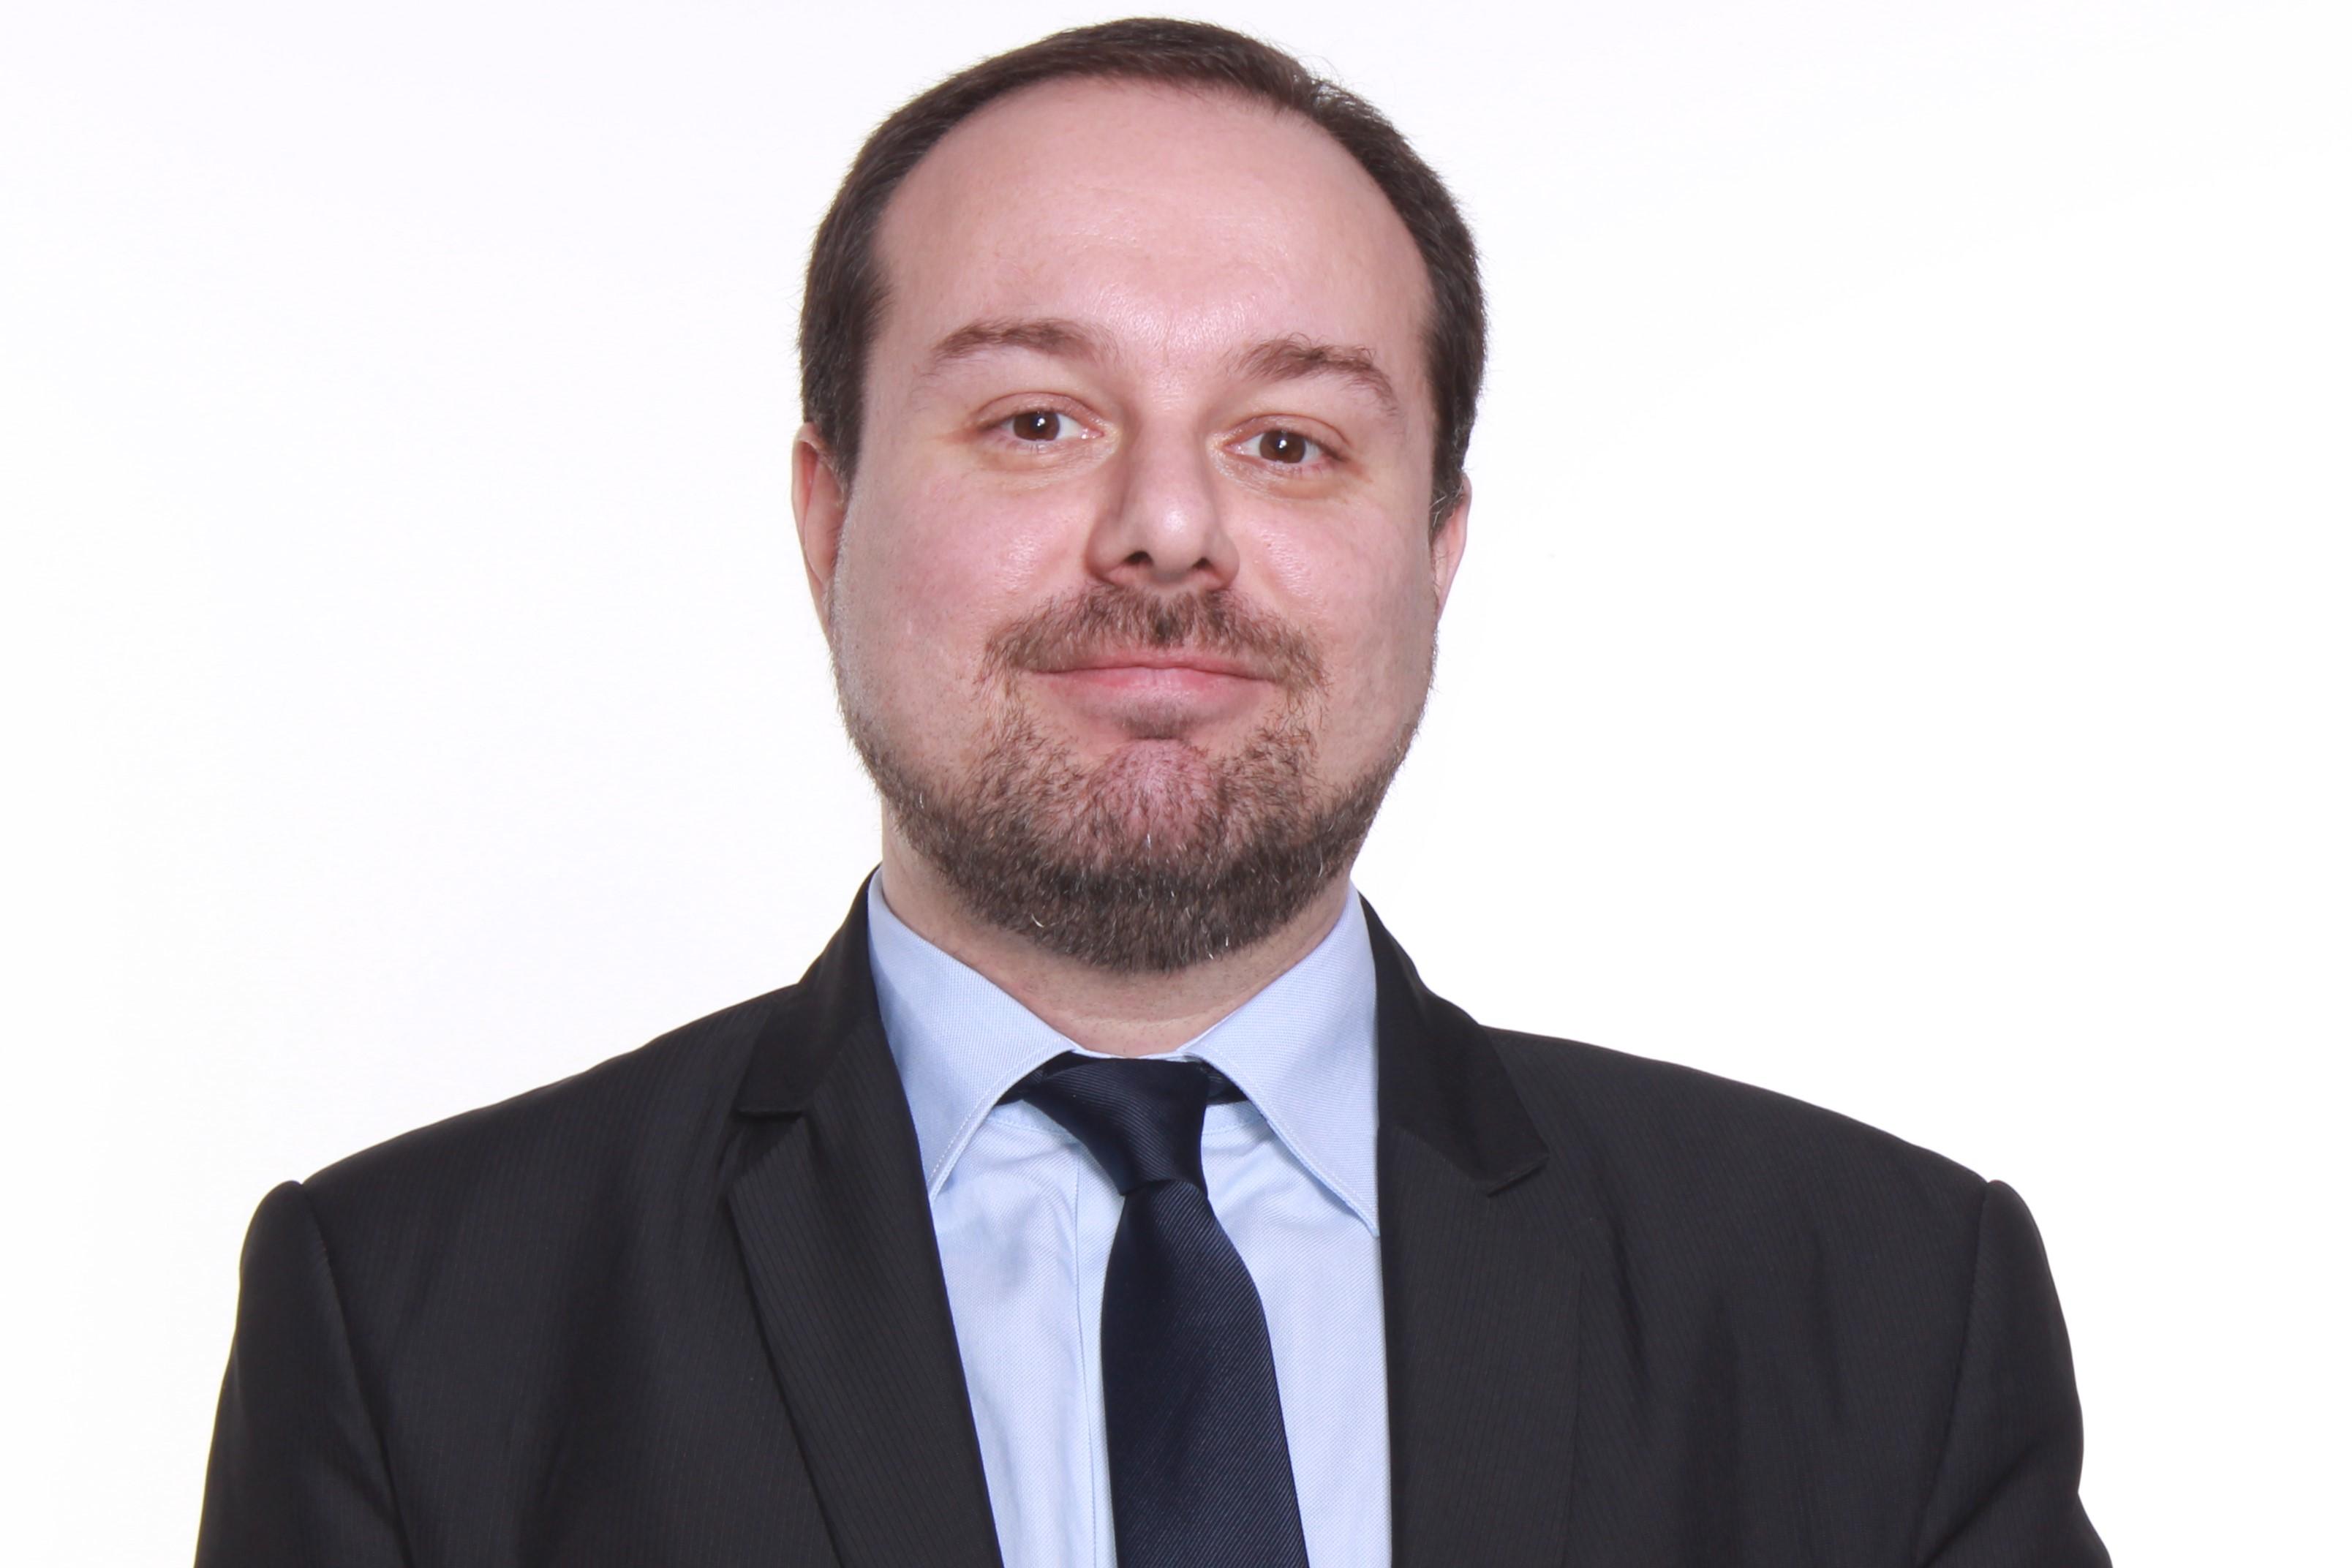 Panait Iulian